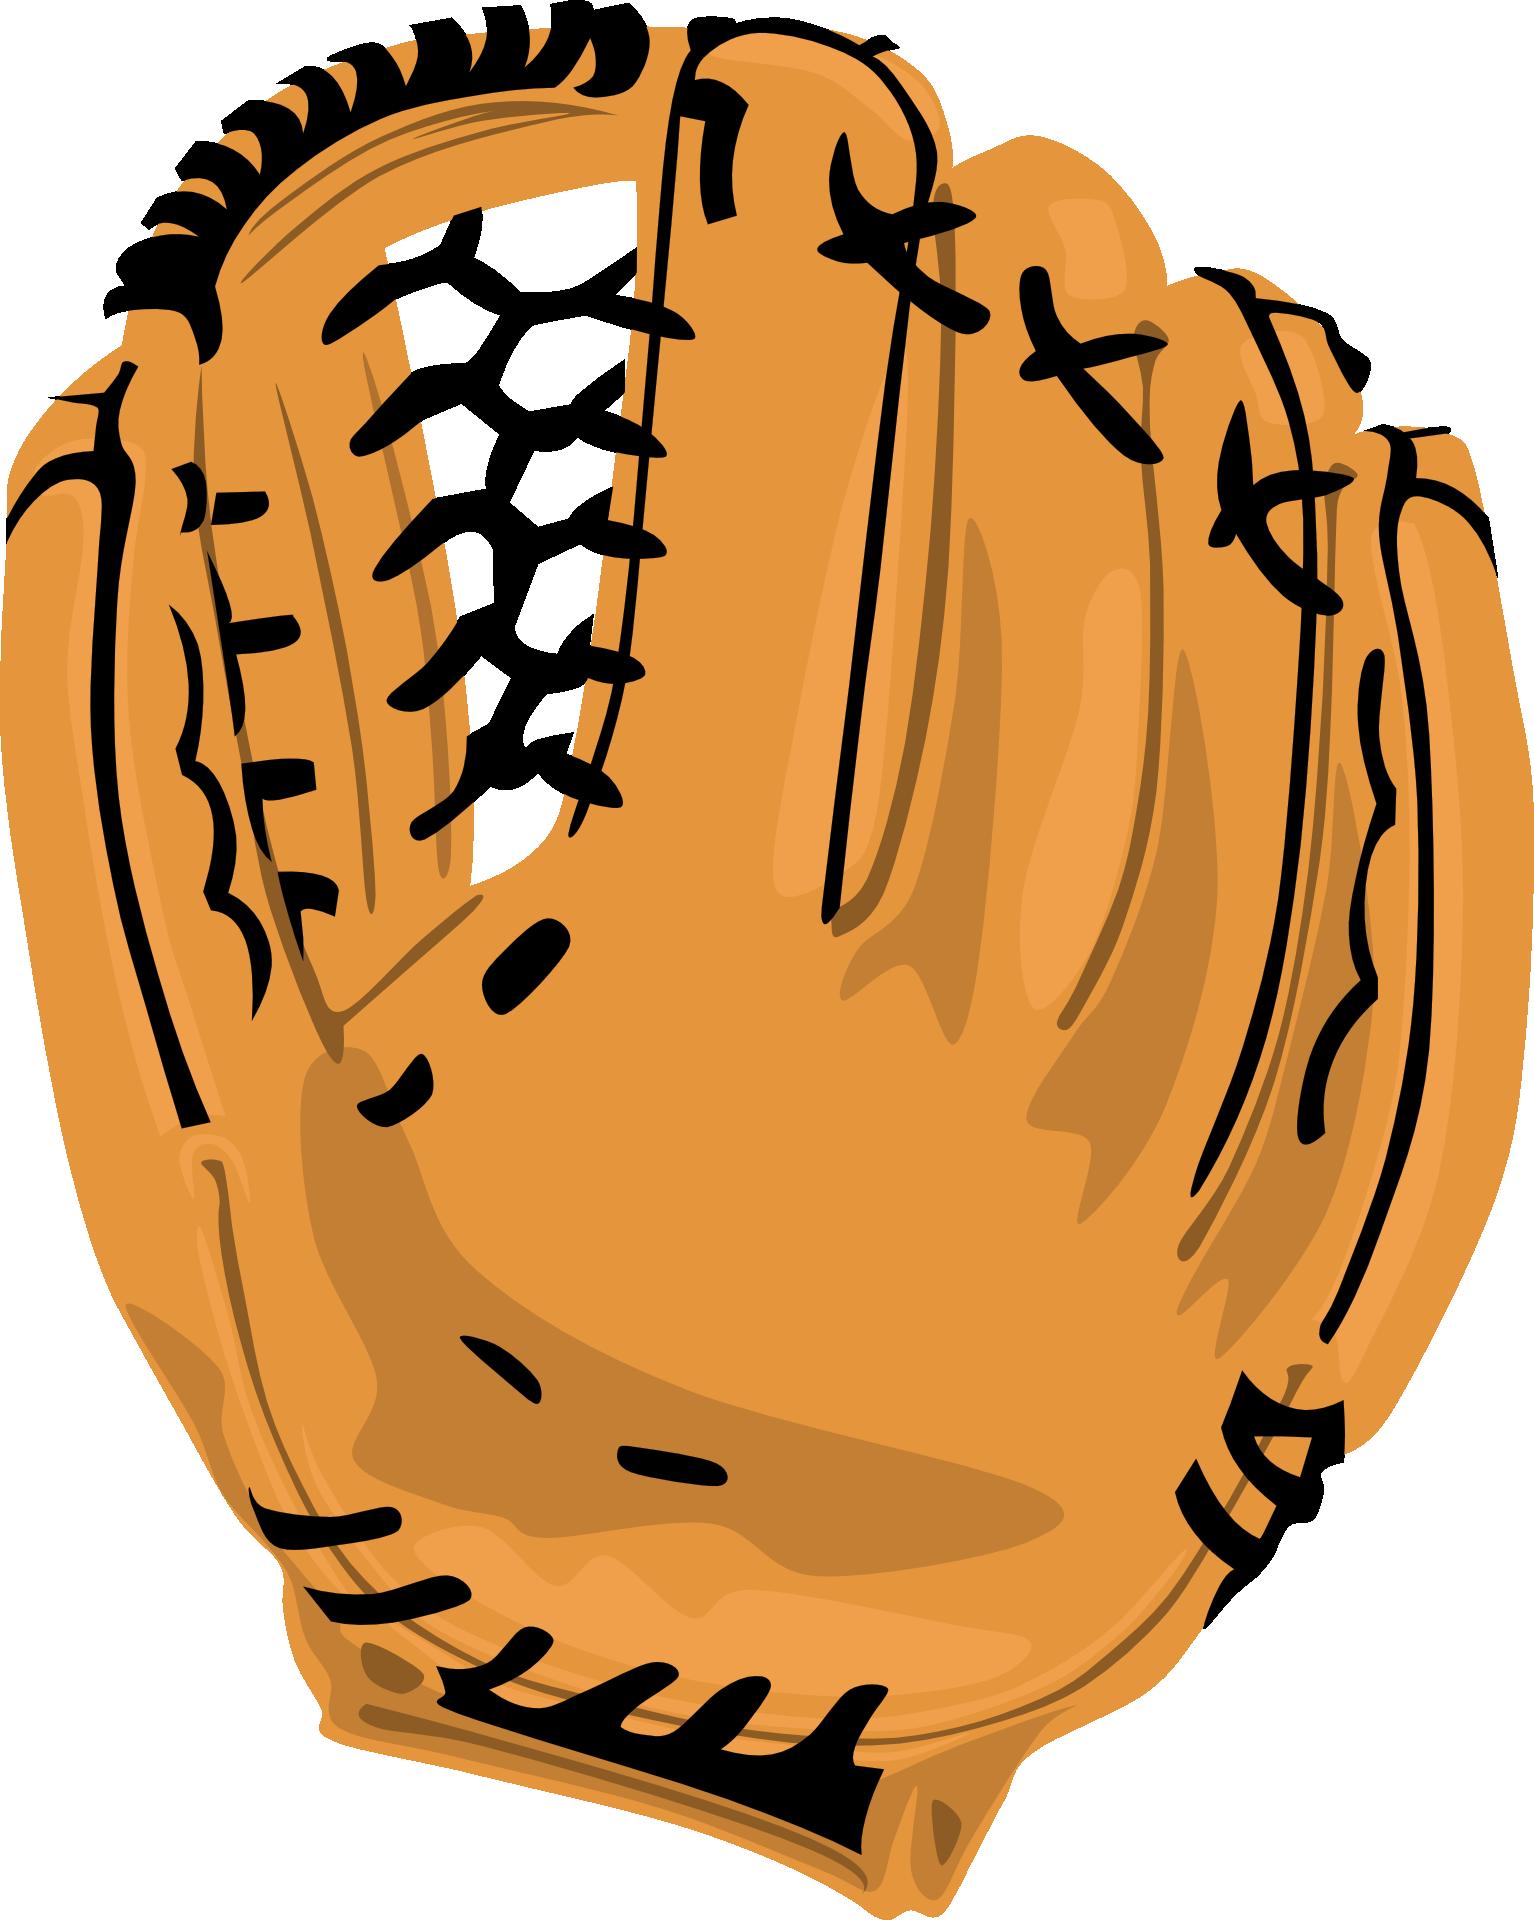 softball catcher clip art - 900×800